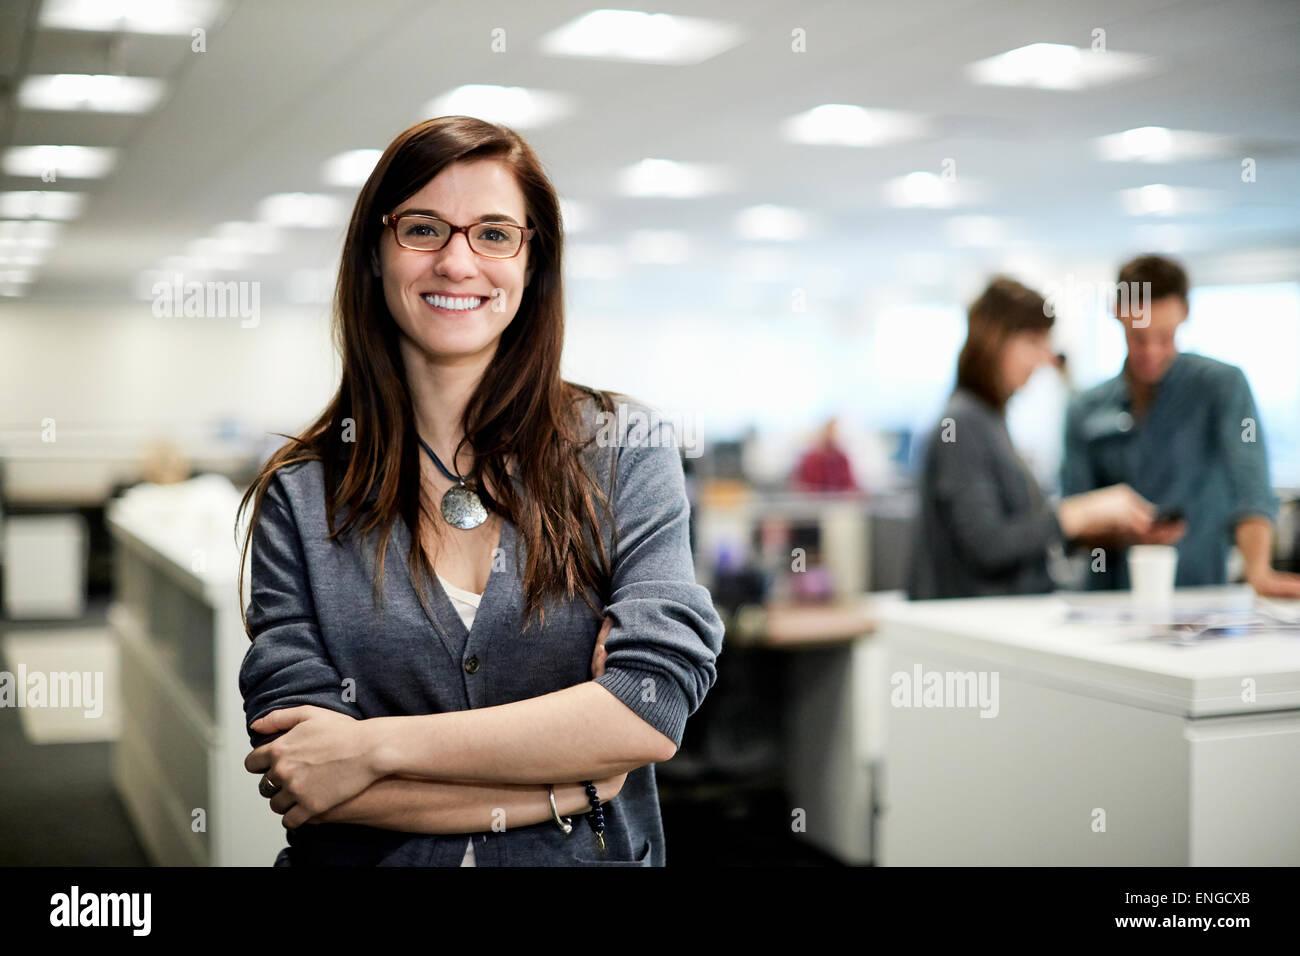 Una donna con i bracci ripiegati sorridente. Foto Stock